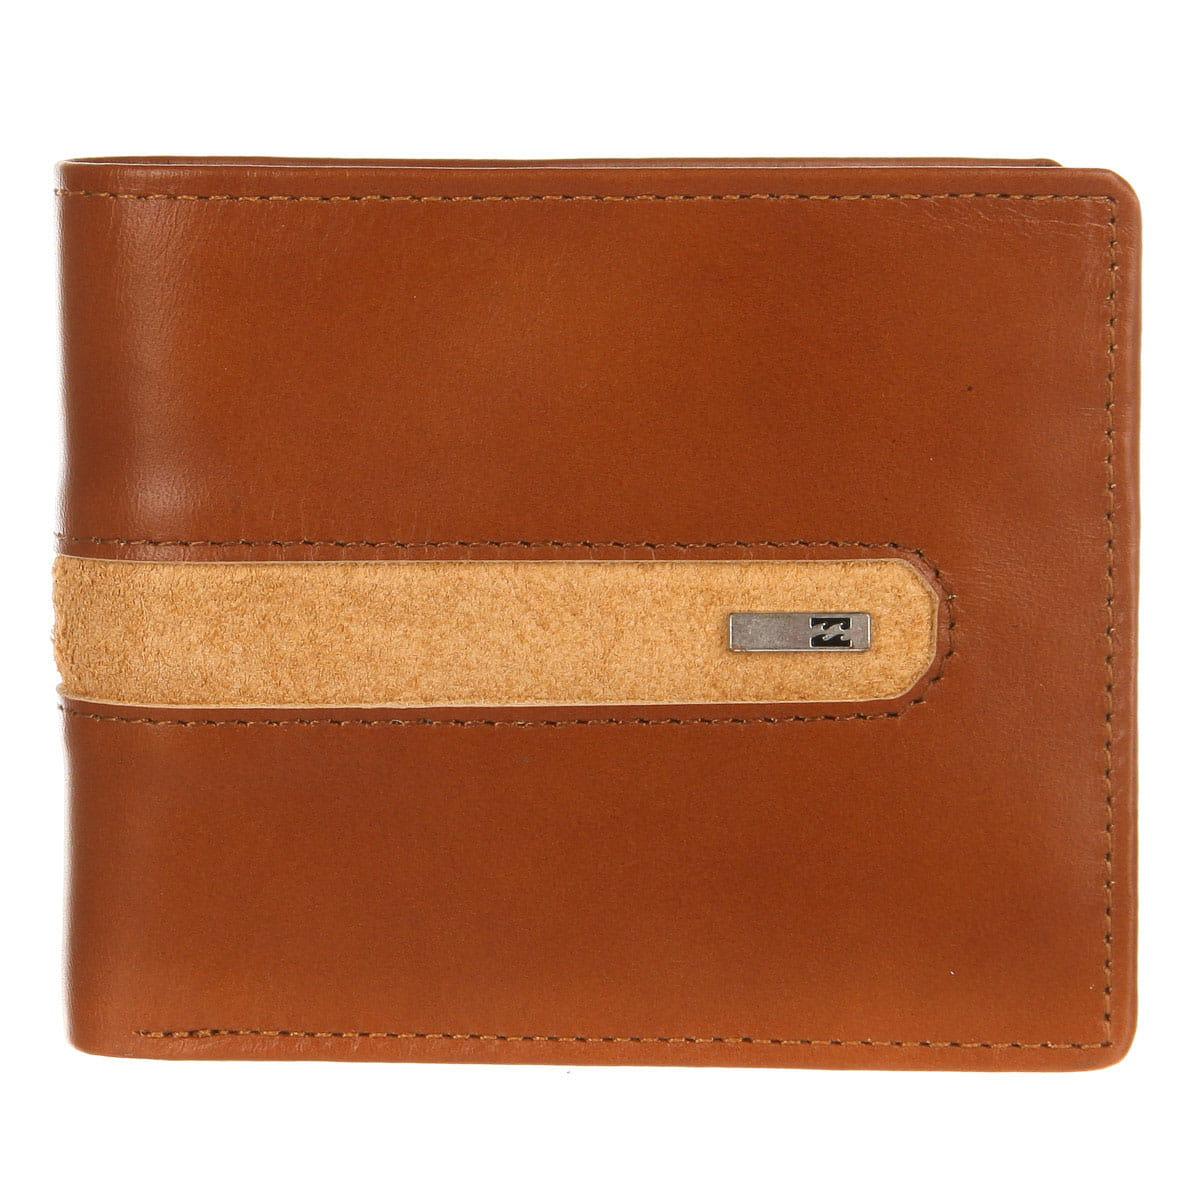 Кожаный кошелек Dbah Leather